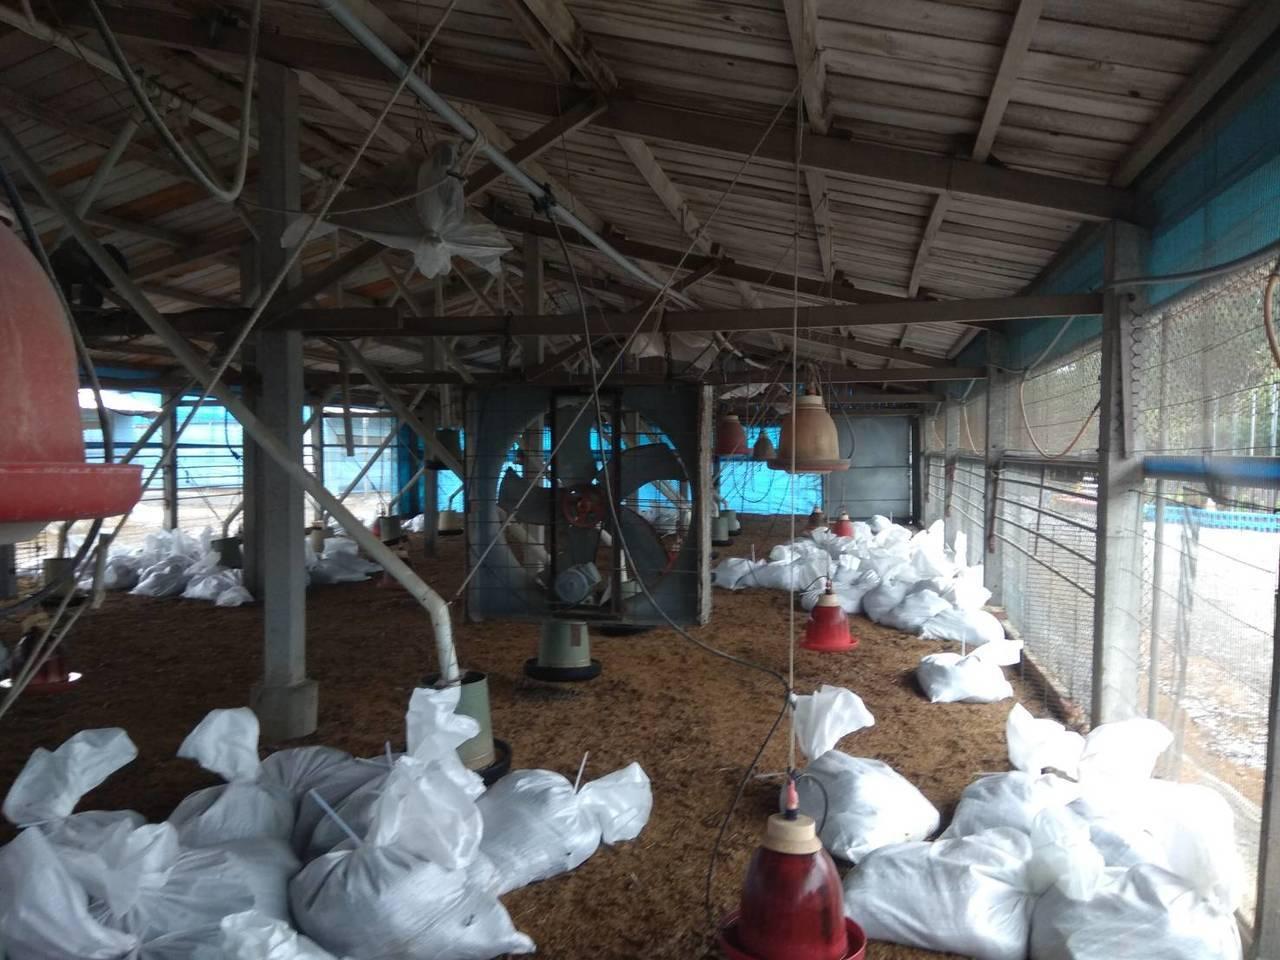 彰化縣大城鄉1家土雞場飼養的土雞暴斃,確診為H5N2亞型高病原性禽流感,昨天防疫...